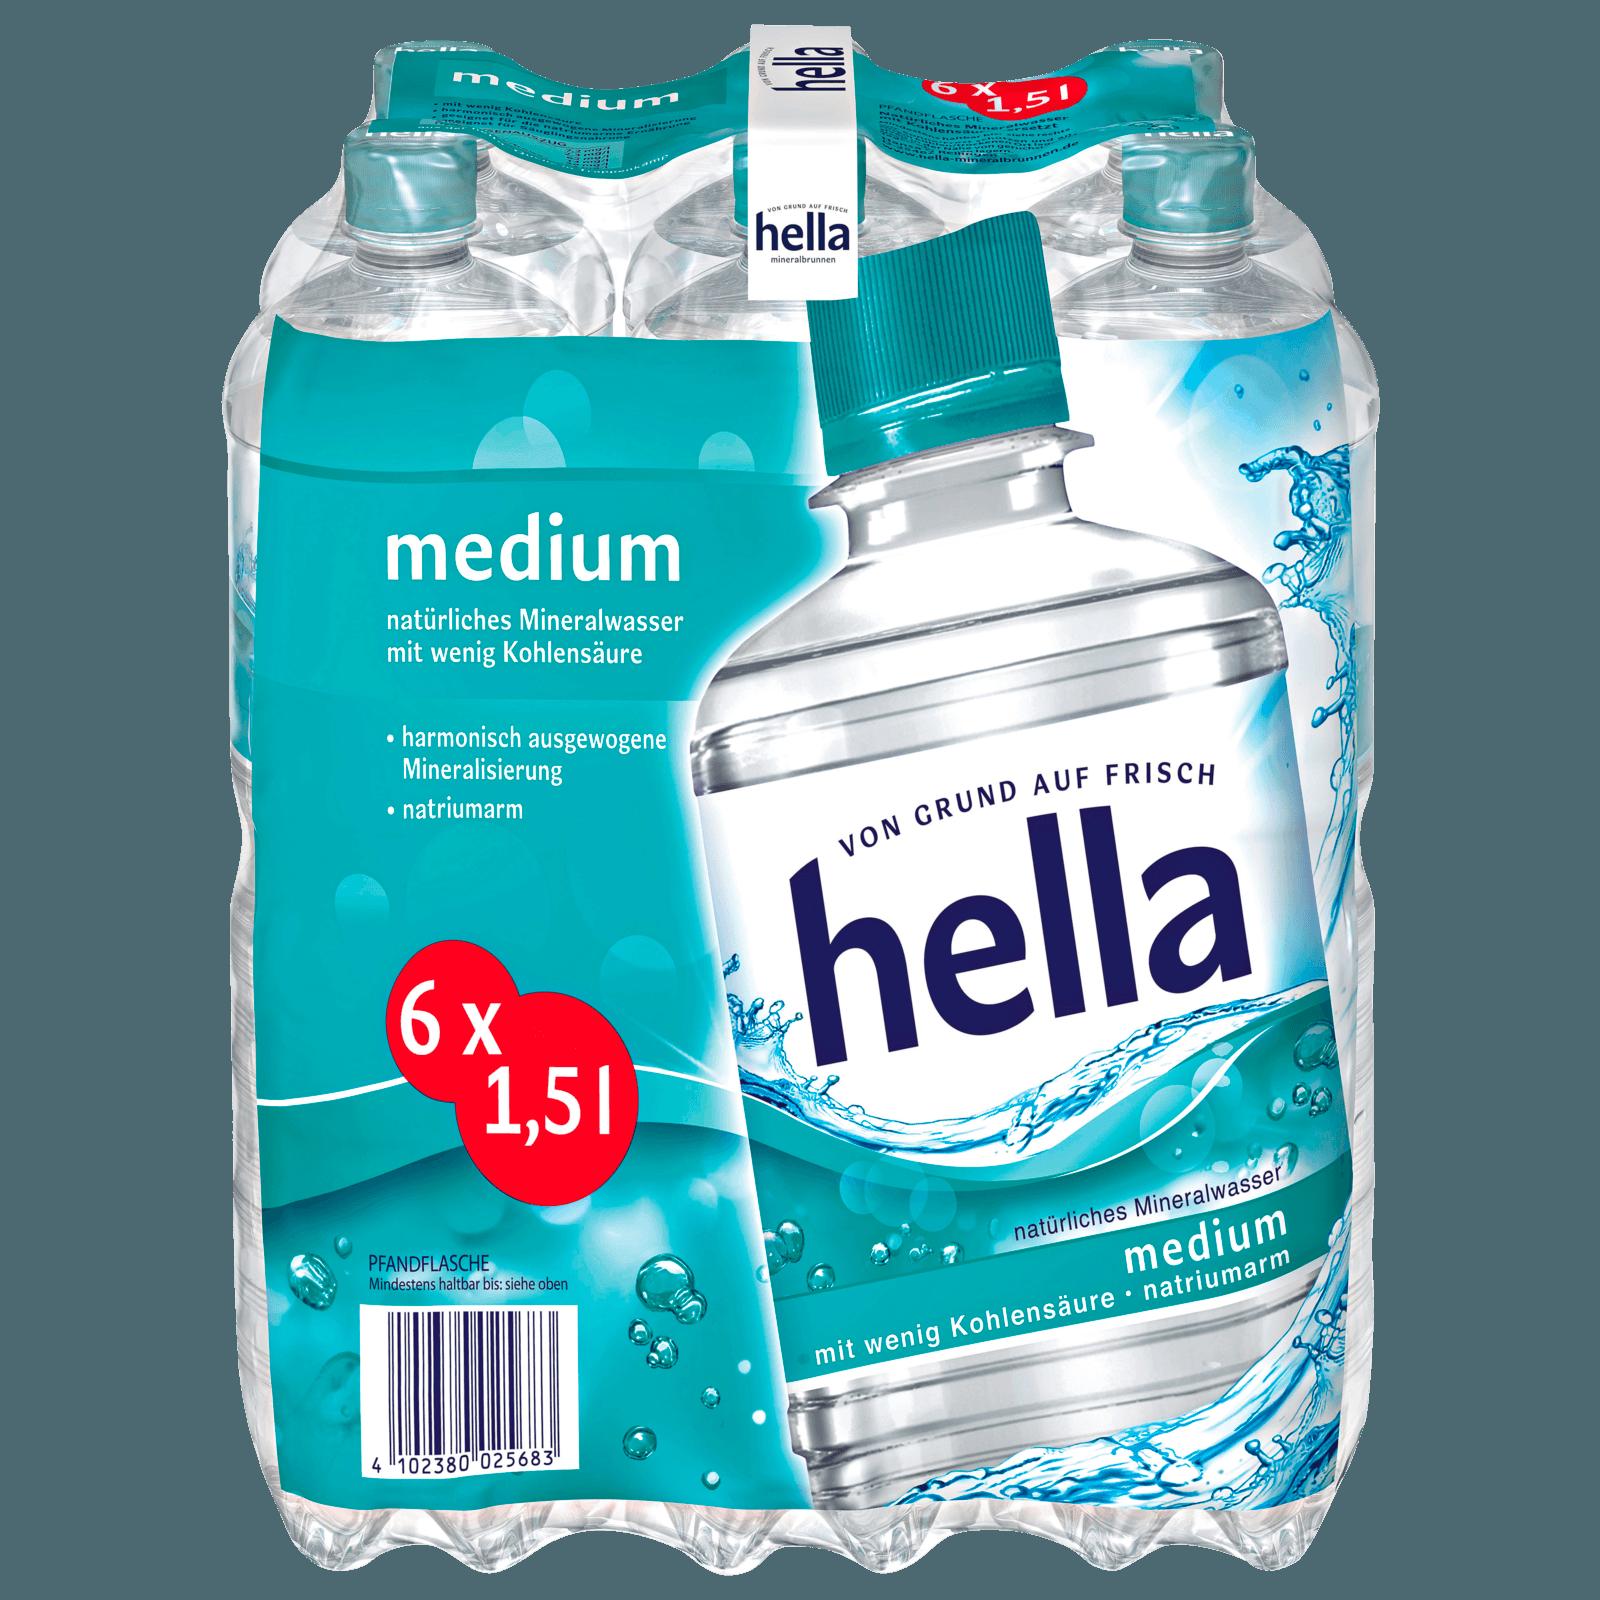 Hella Medium 6x1,5l bei REWE online bestellen! REWE.de